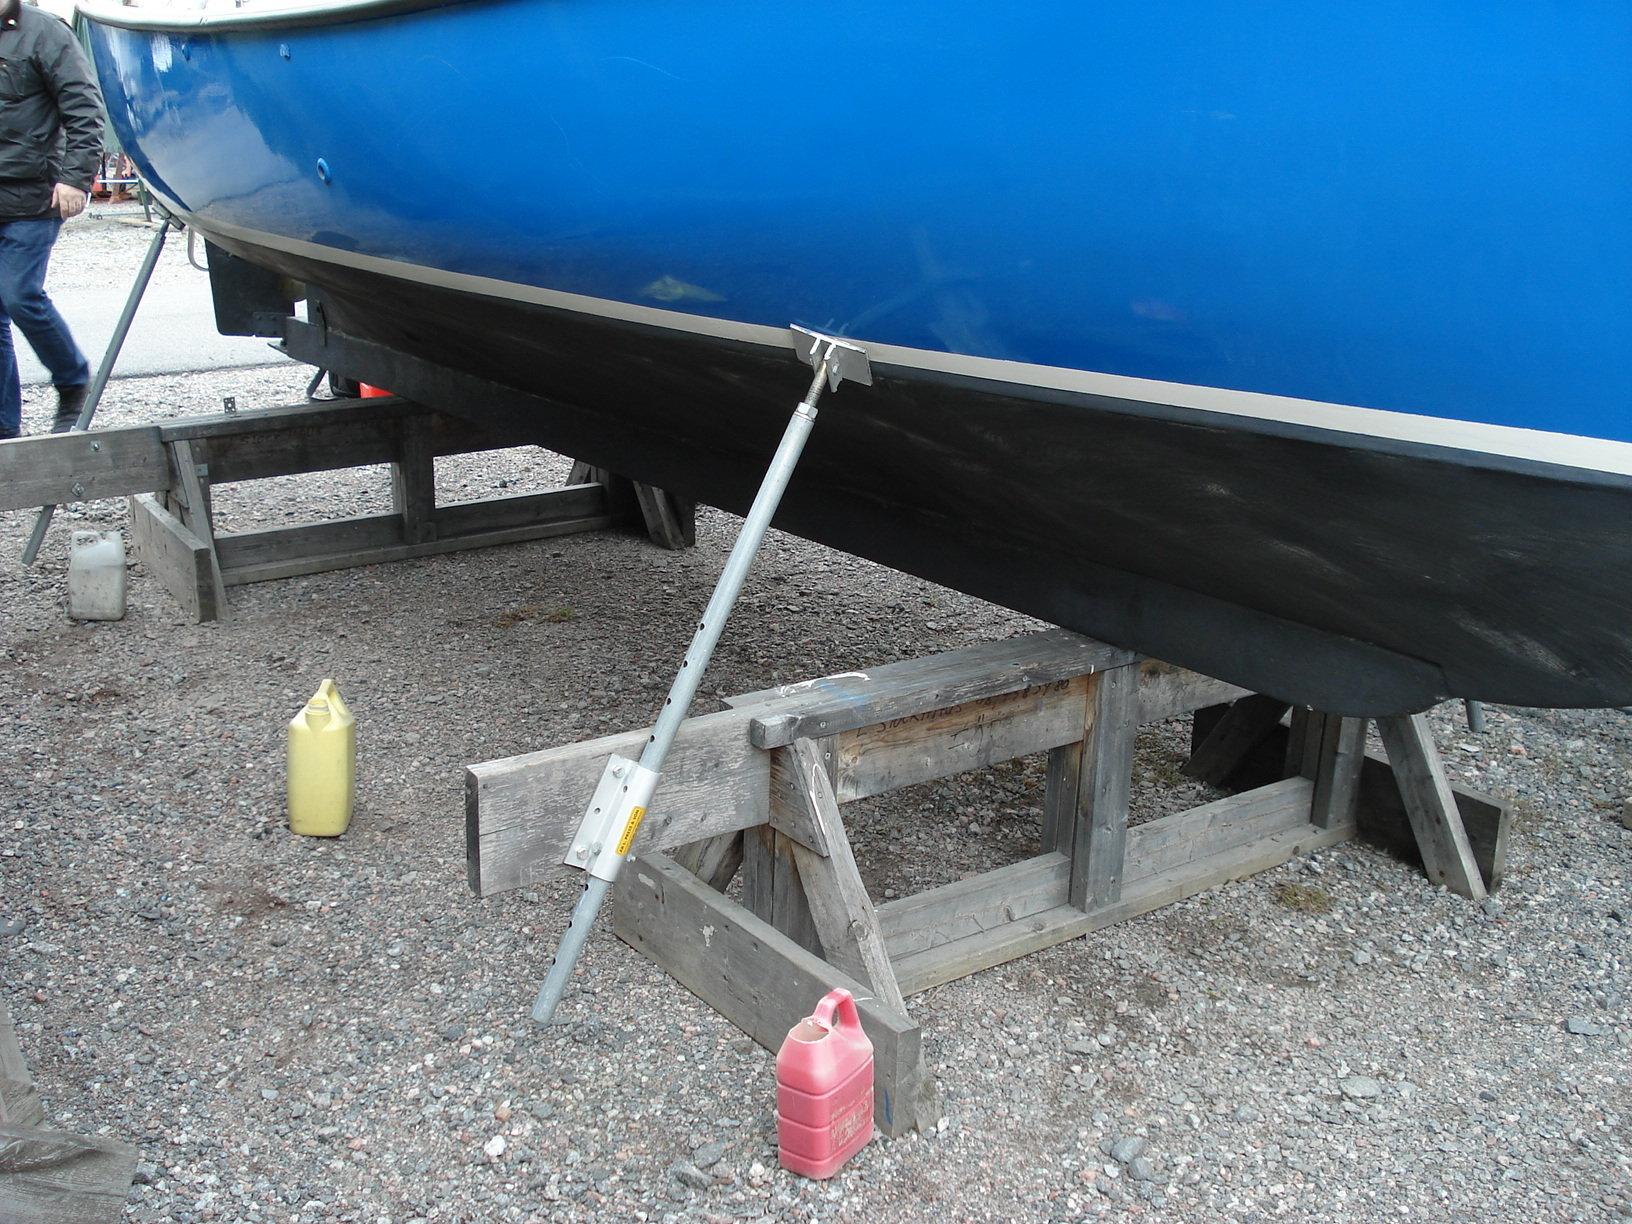 bygga bockar till båt